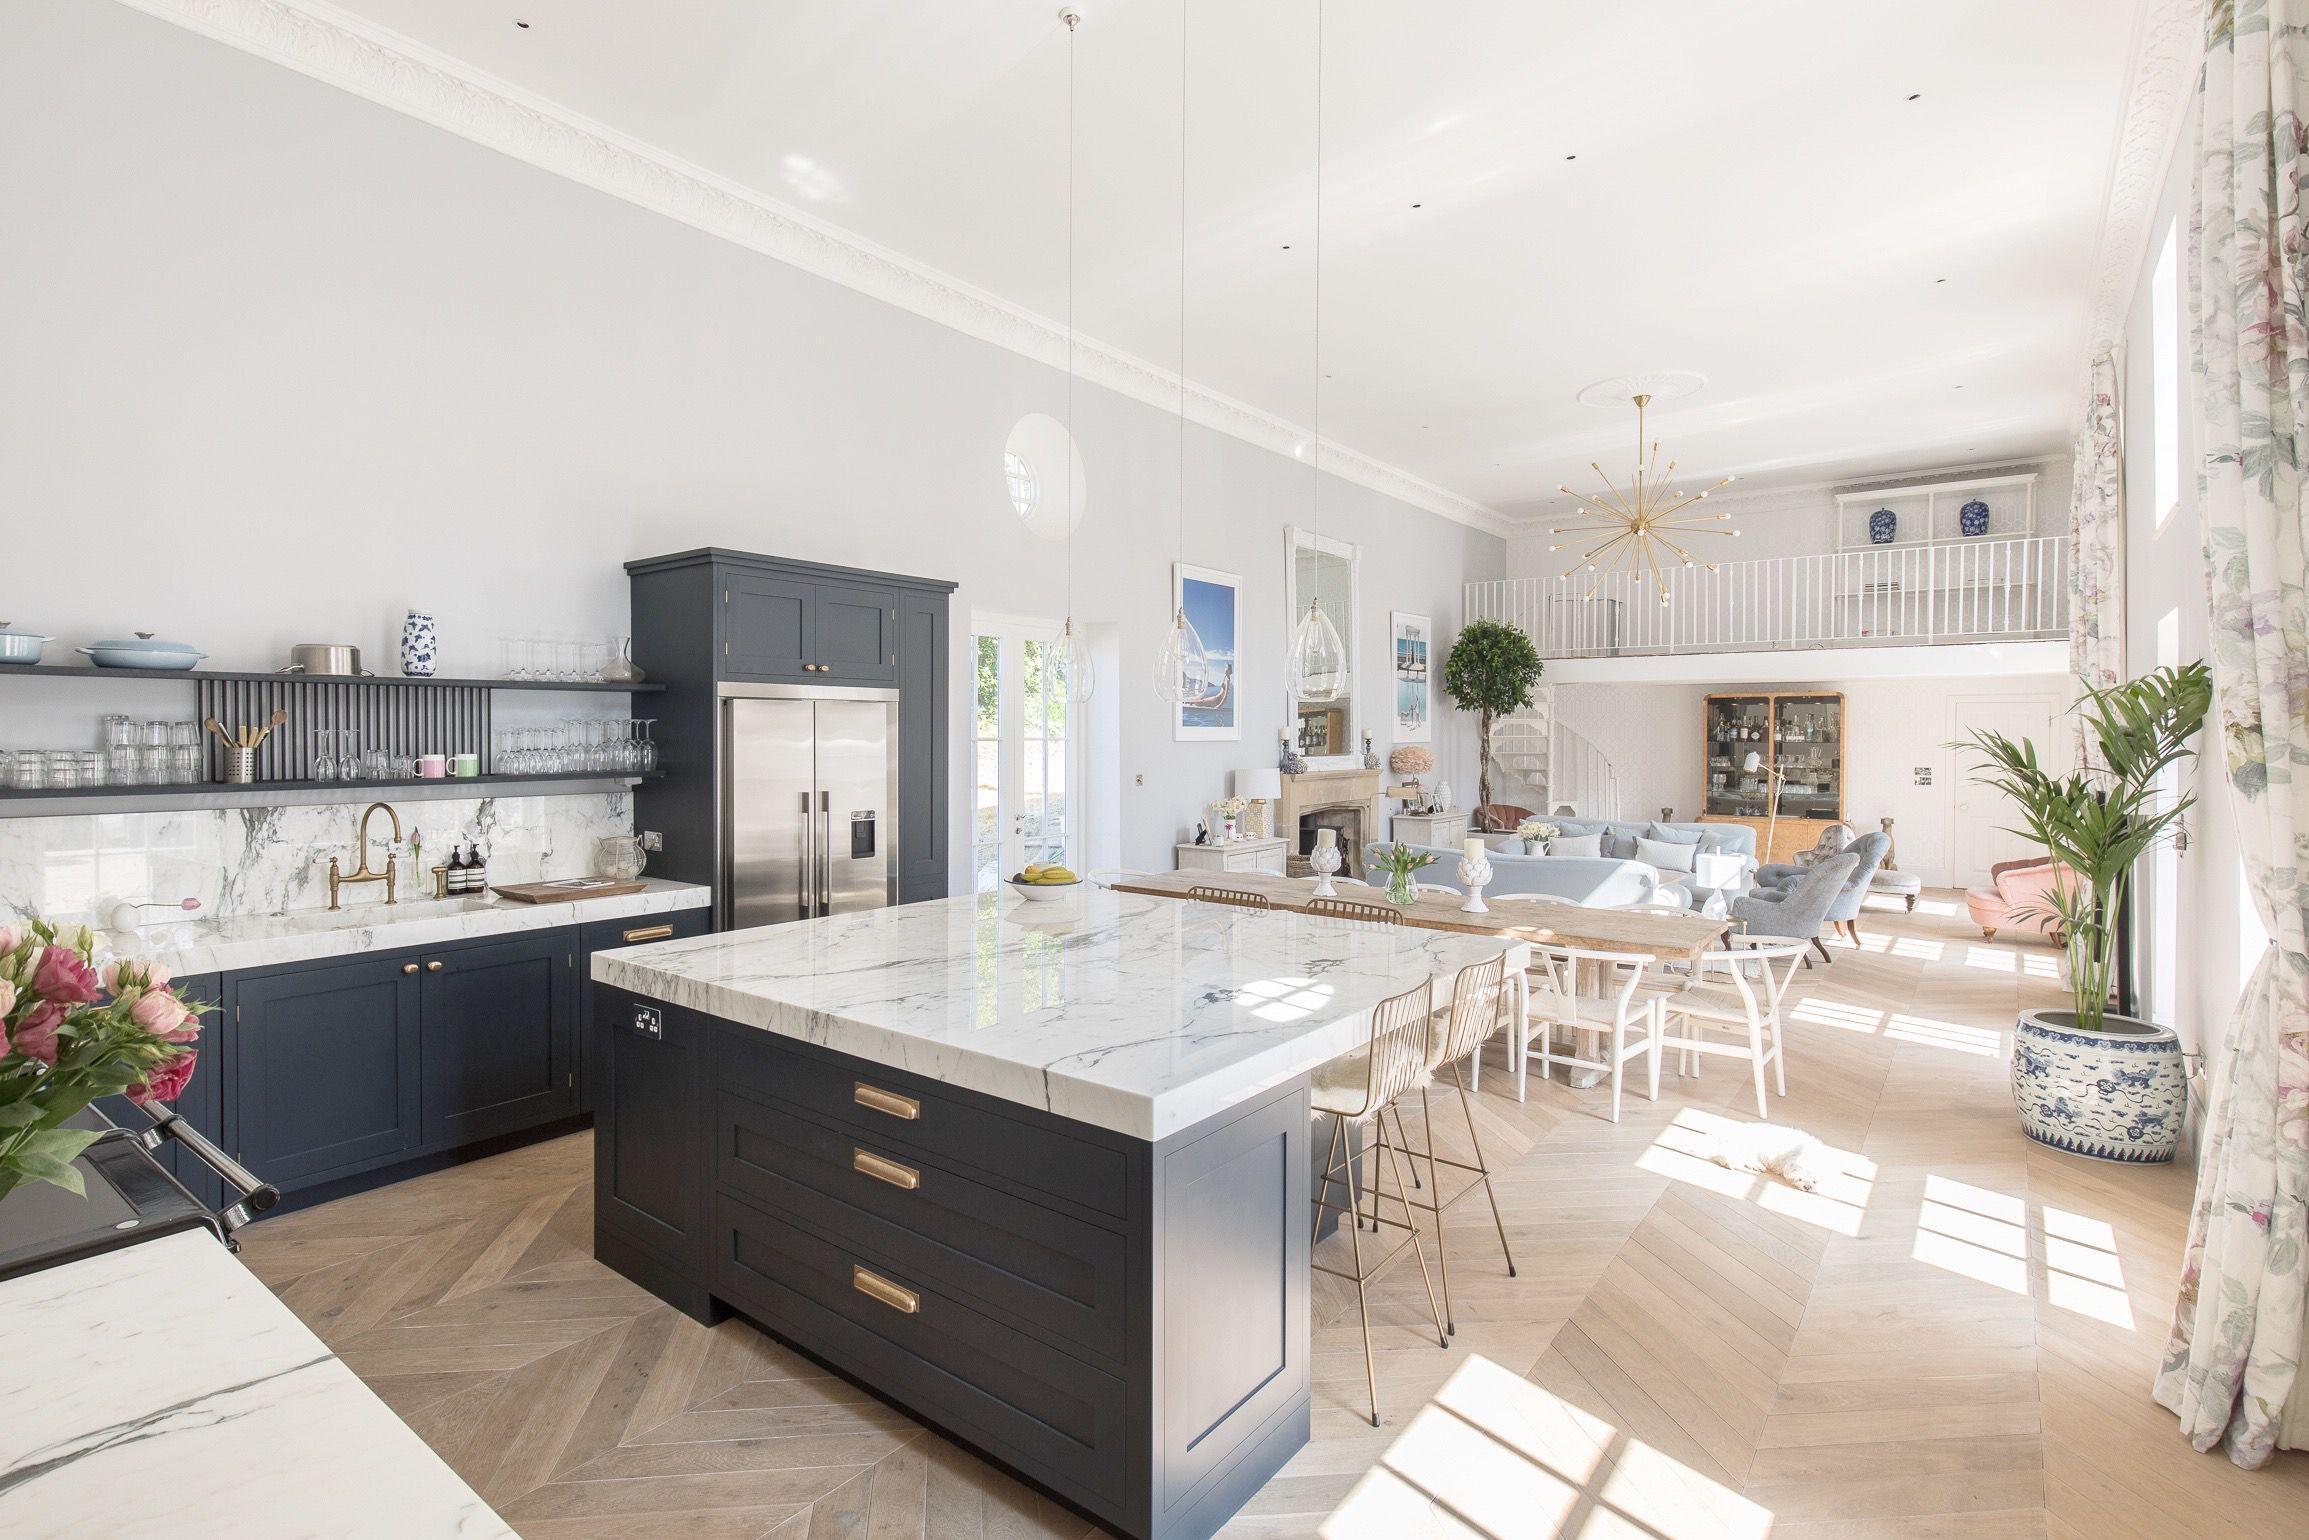 Cocina abierta en una casa de estilo victoriano